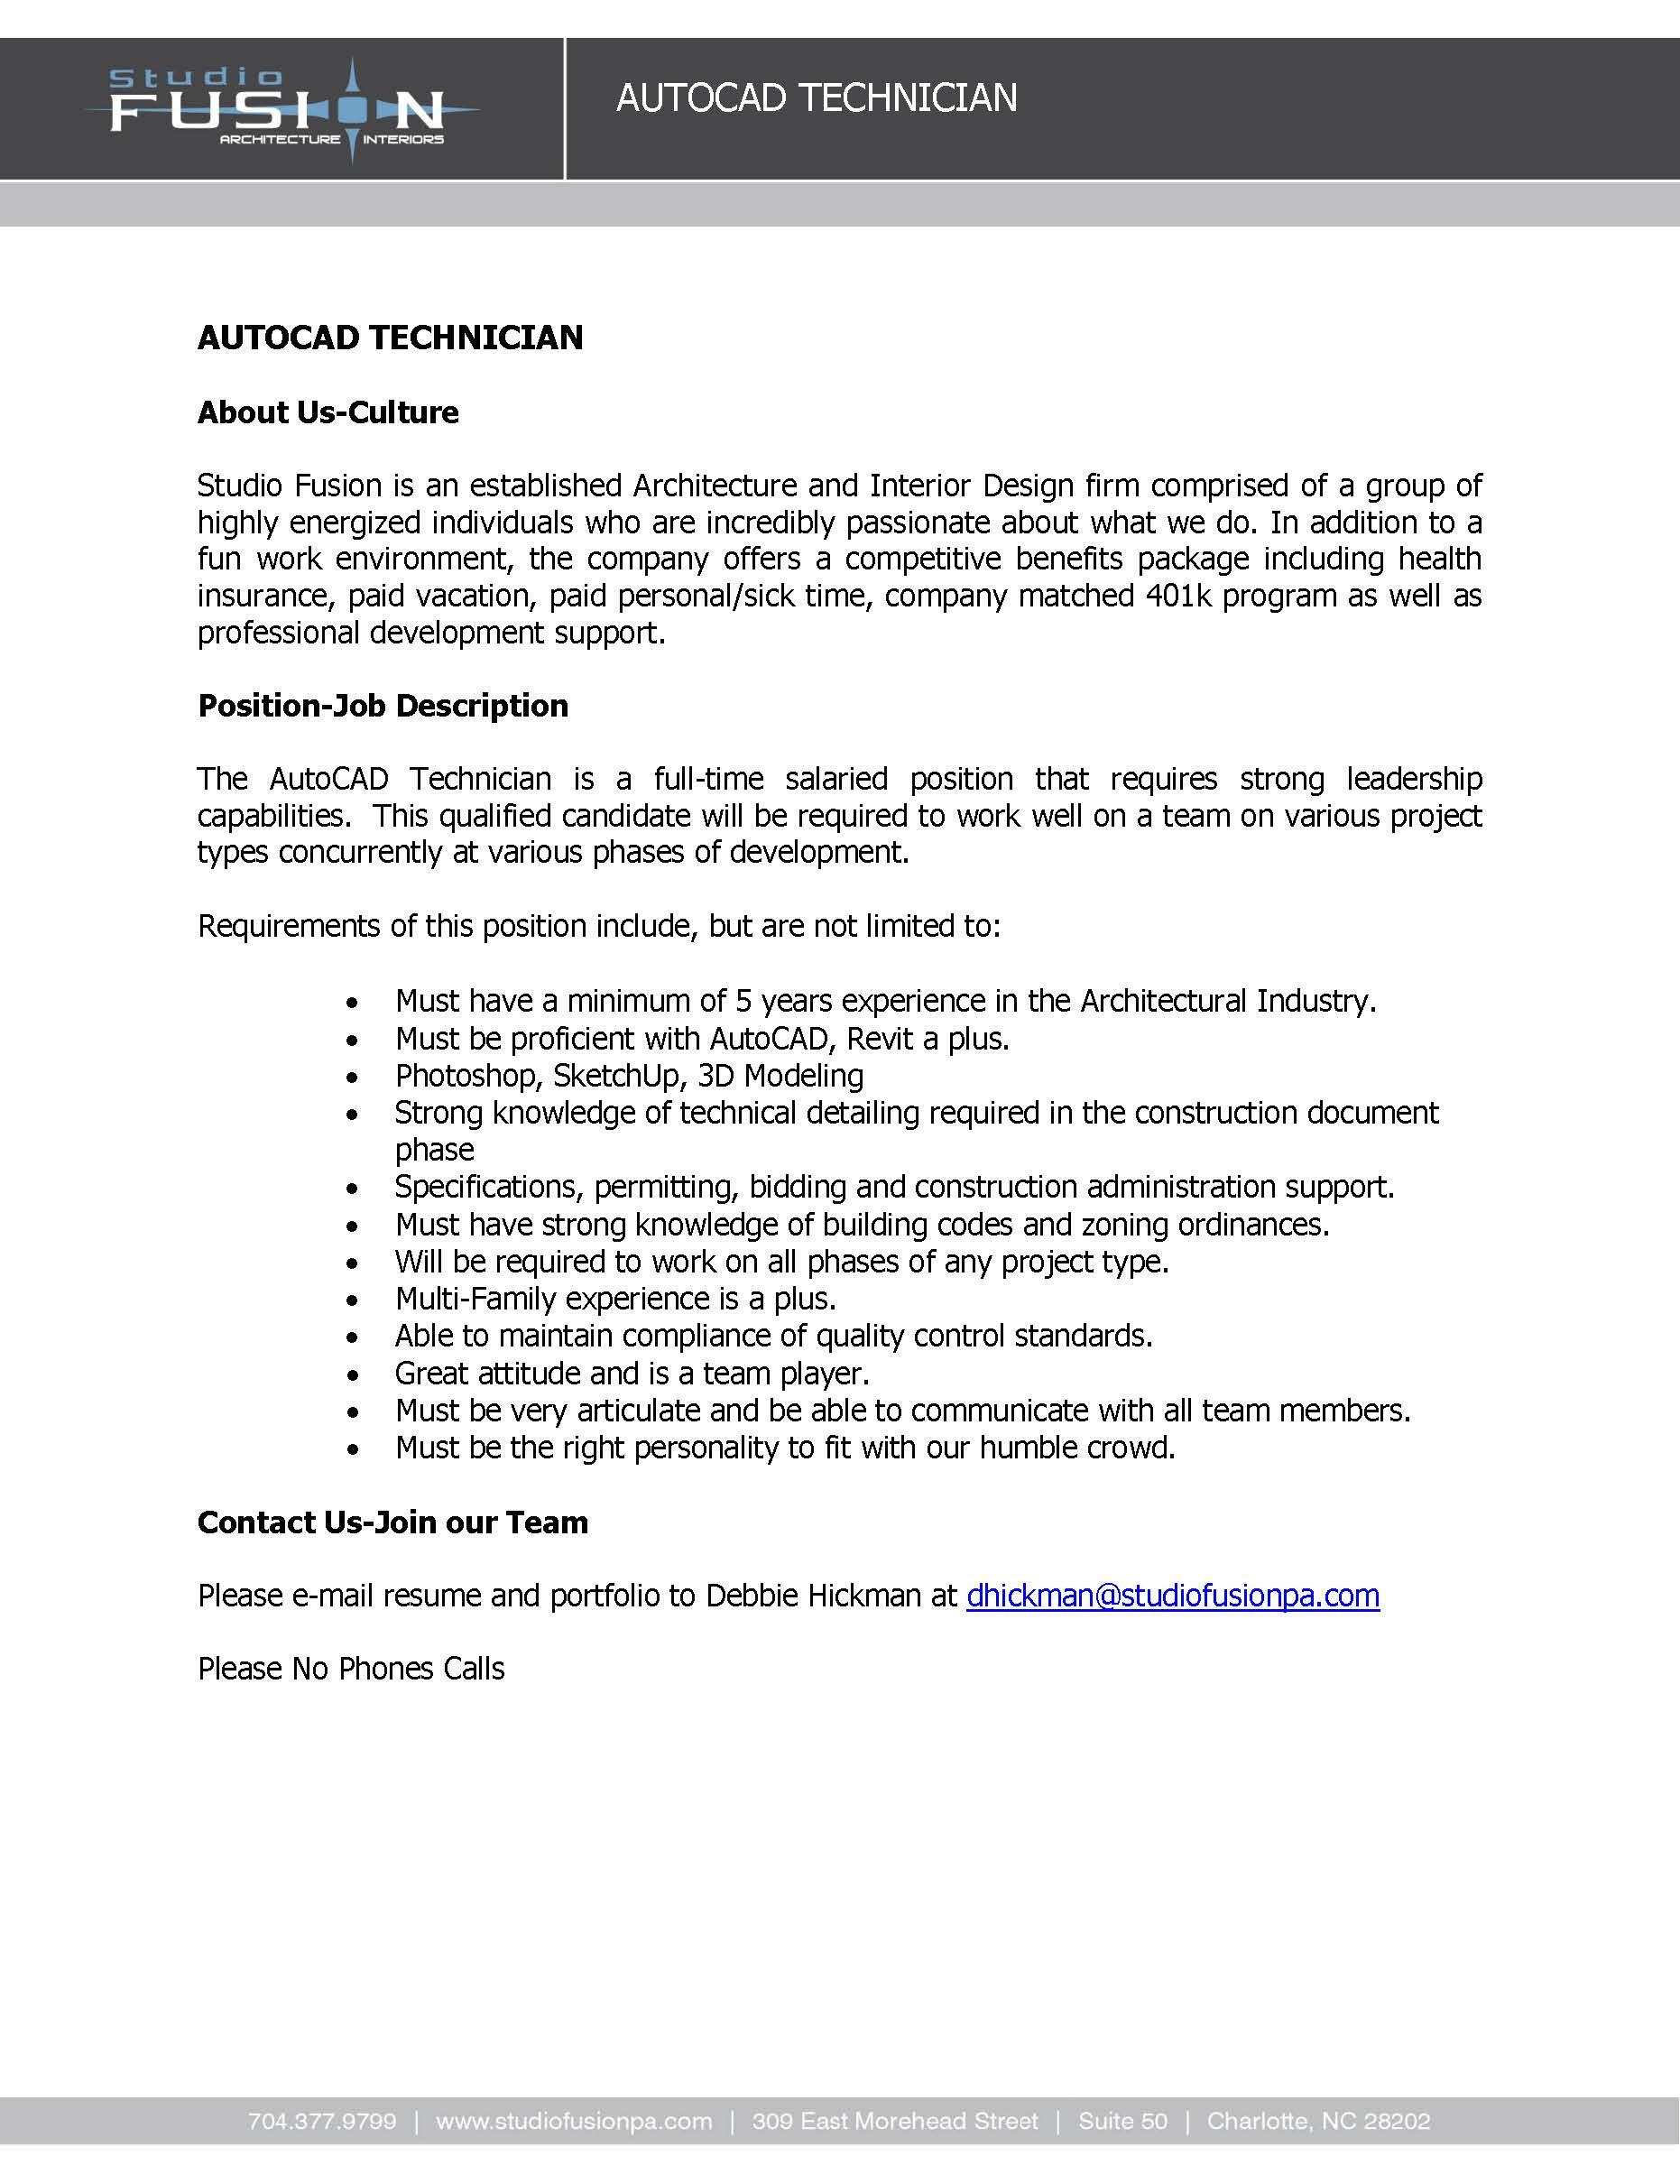 Job Description - Auto-Cad Technician